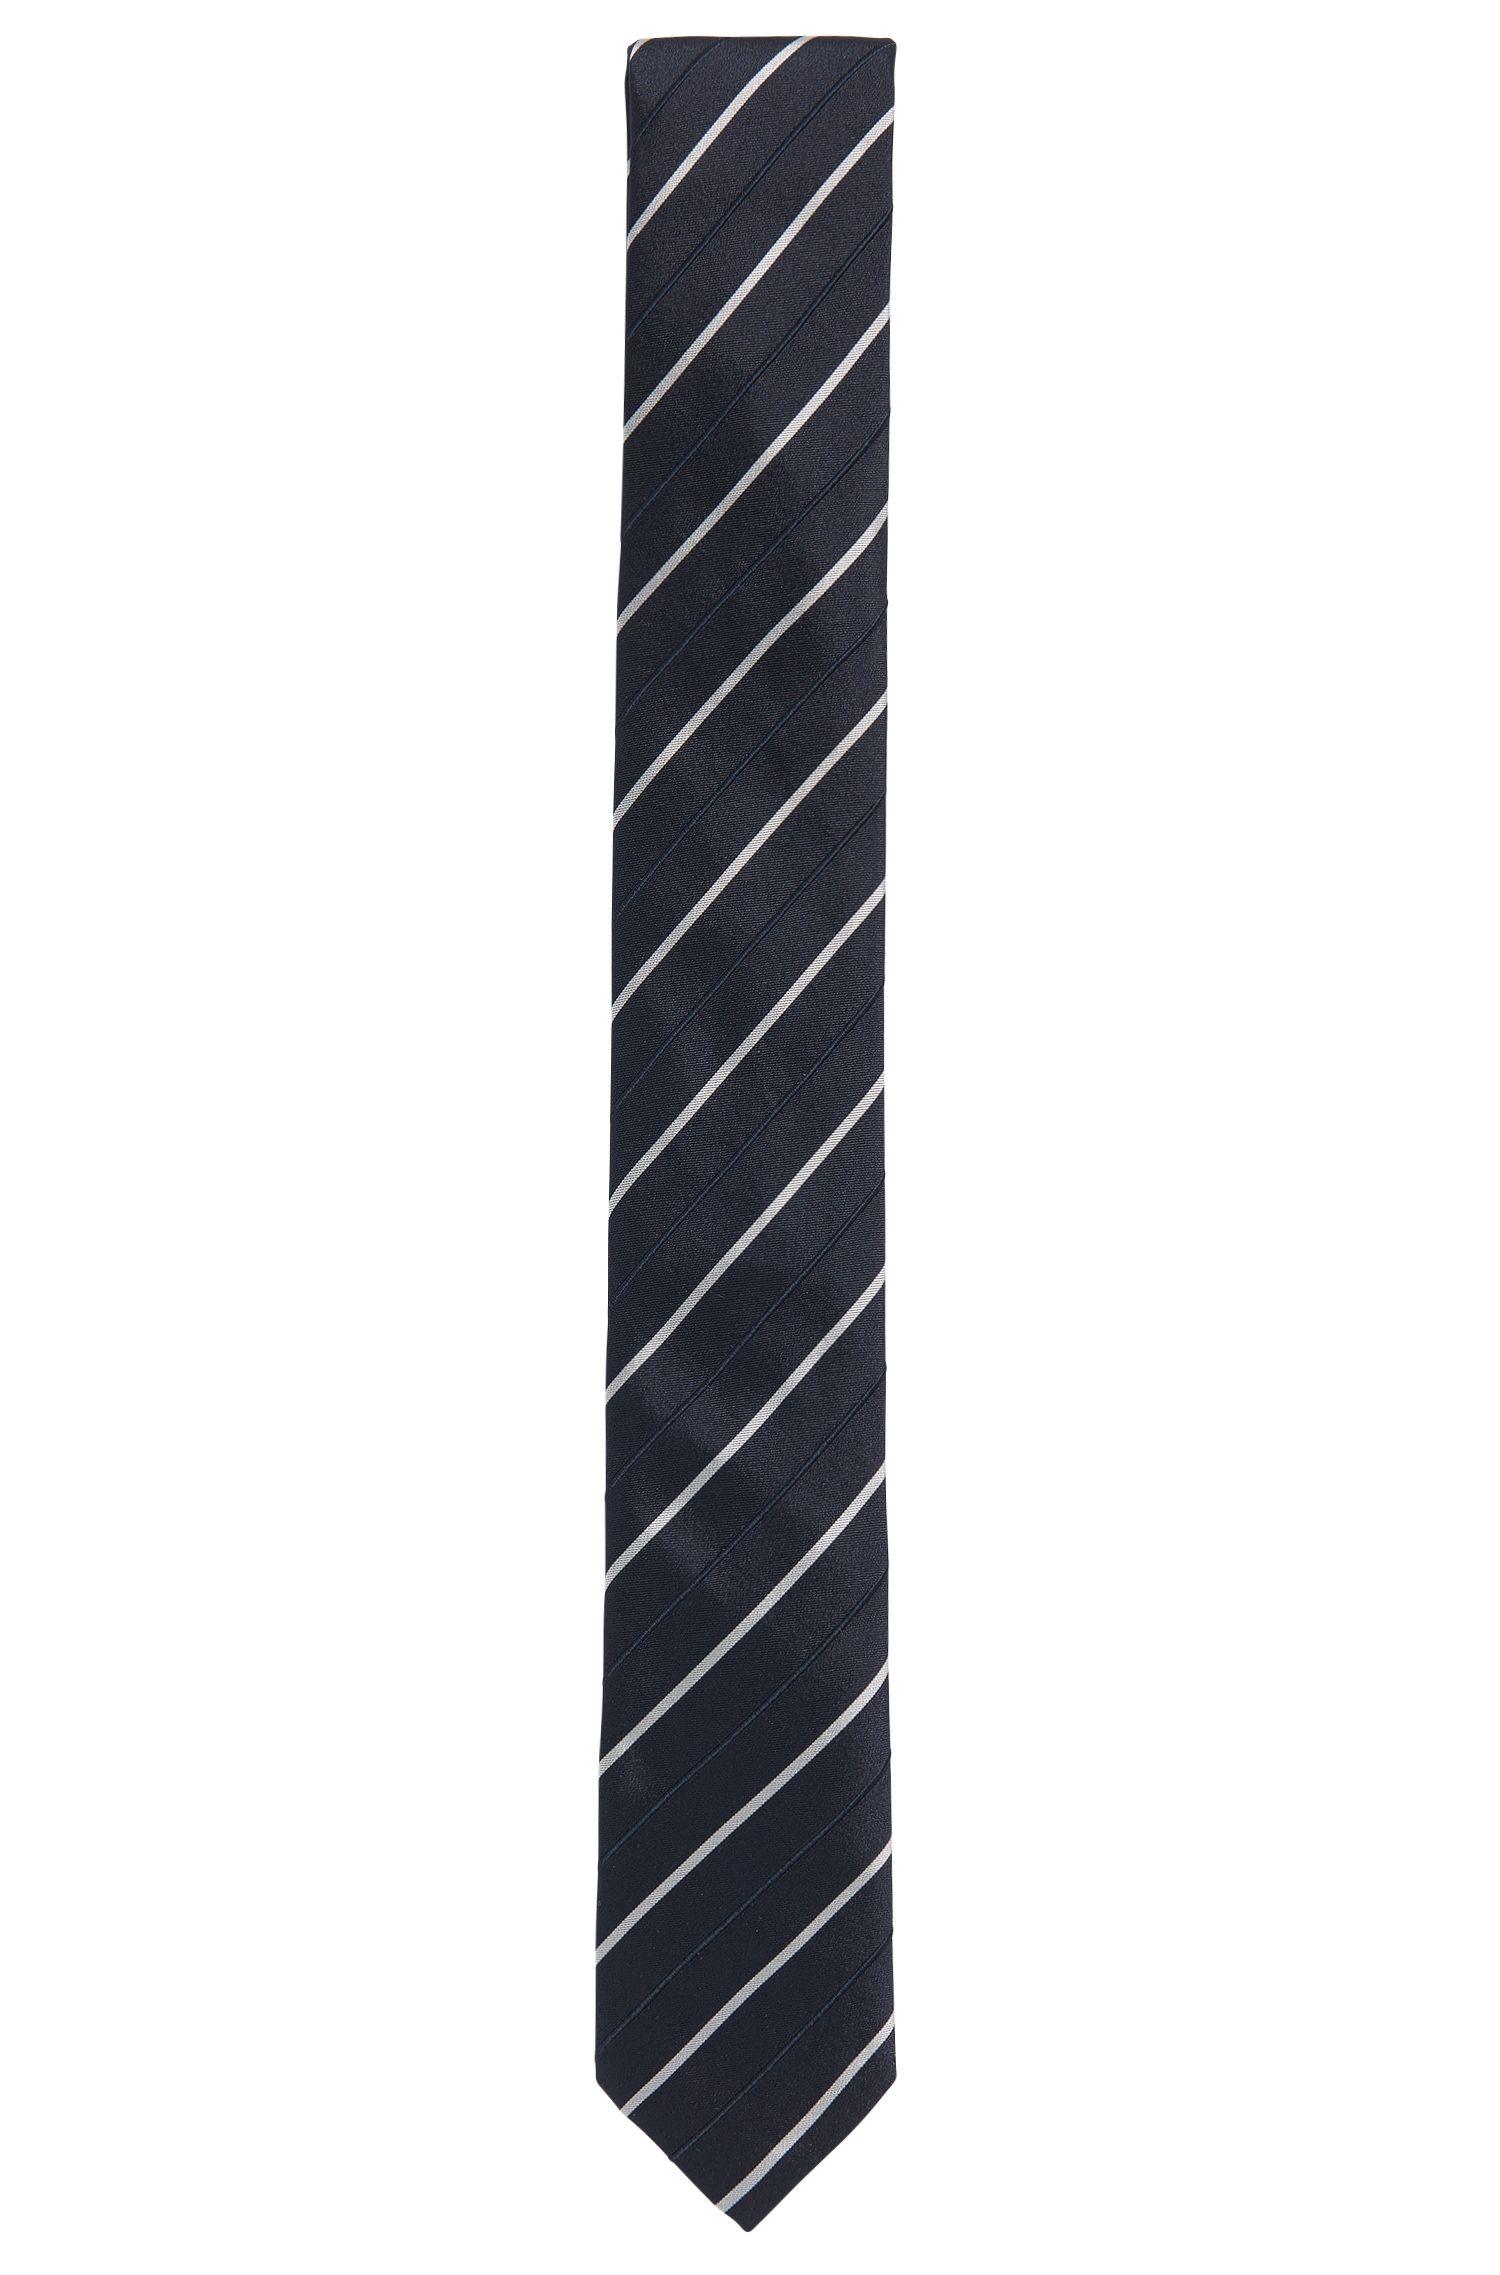 Cravatta jacquard in seta con disegni con effetto 3D